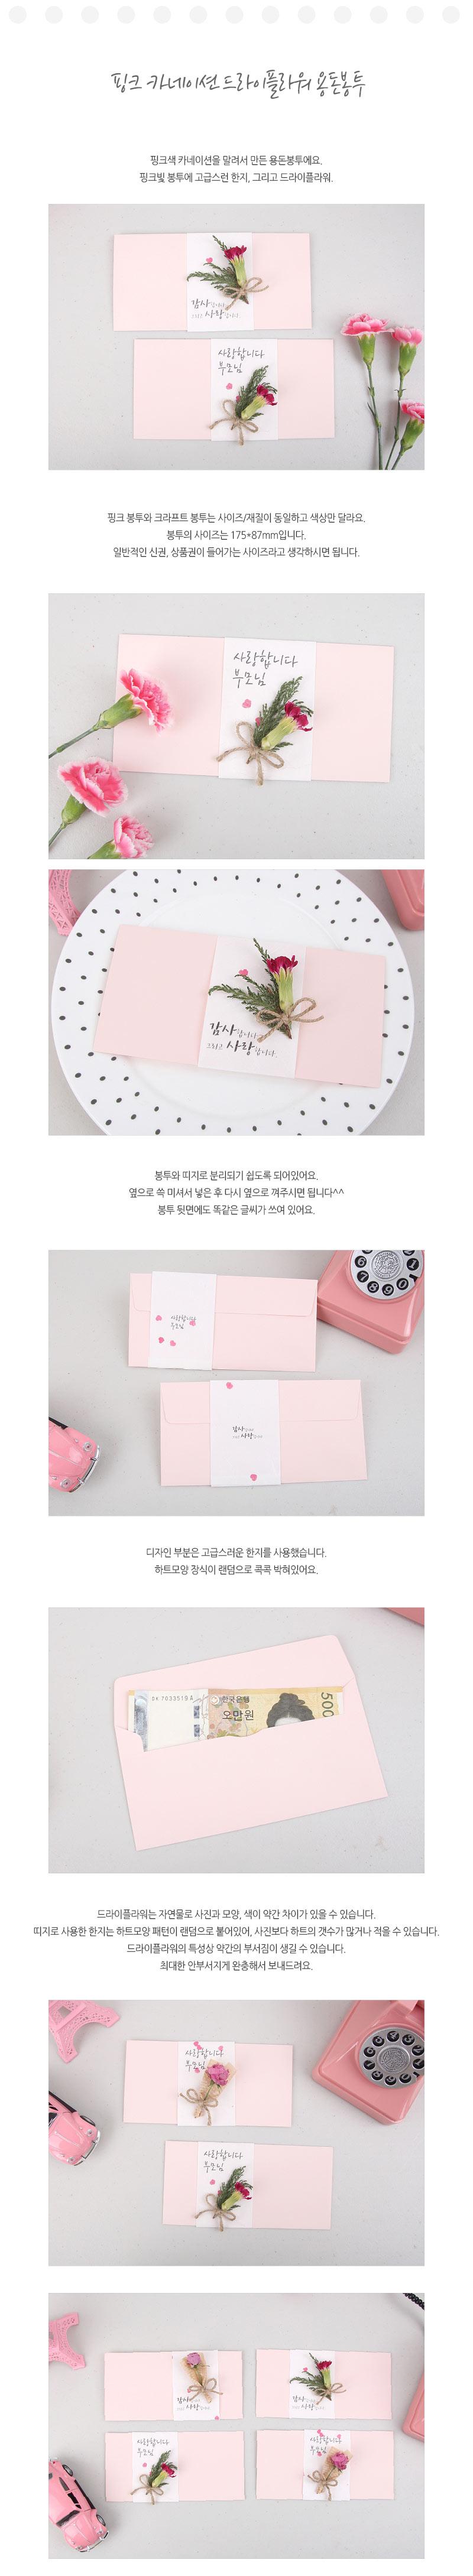 핑크 카네이션 드라이플라워 용돈봉투 - 미스타이니, 5,000원, 용돈봉투, 기타 용돈봉투